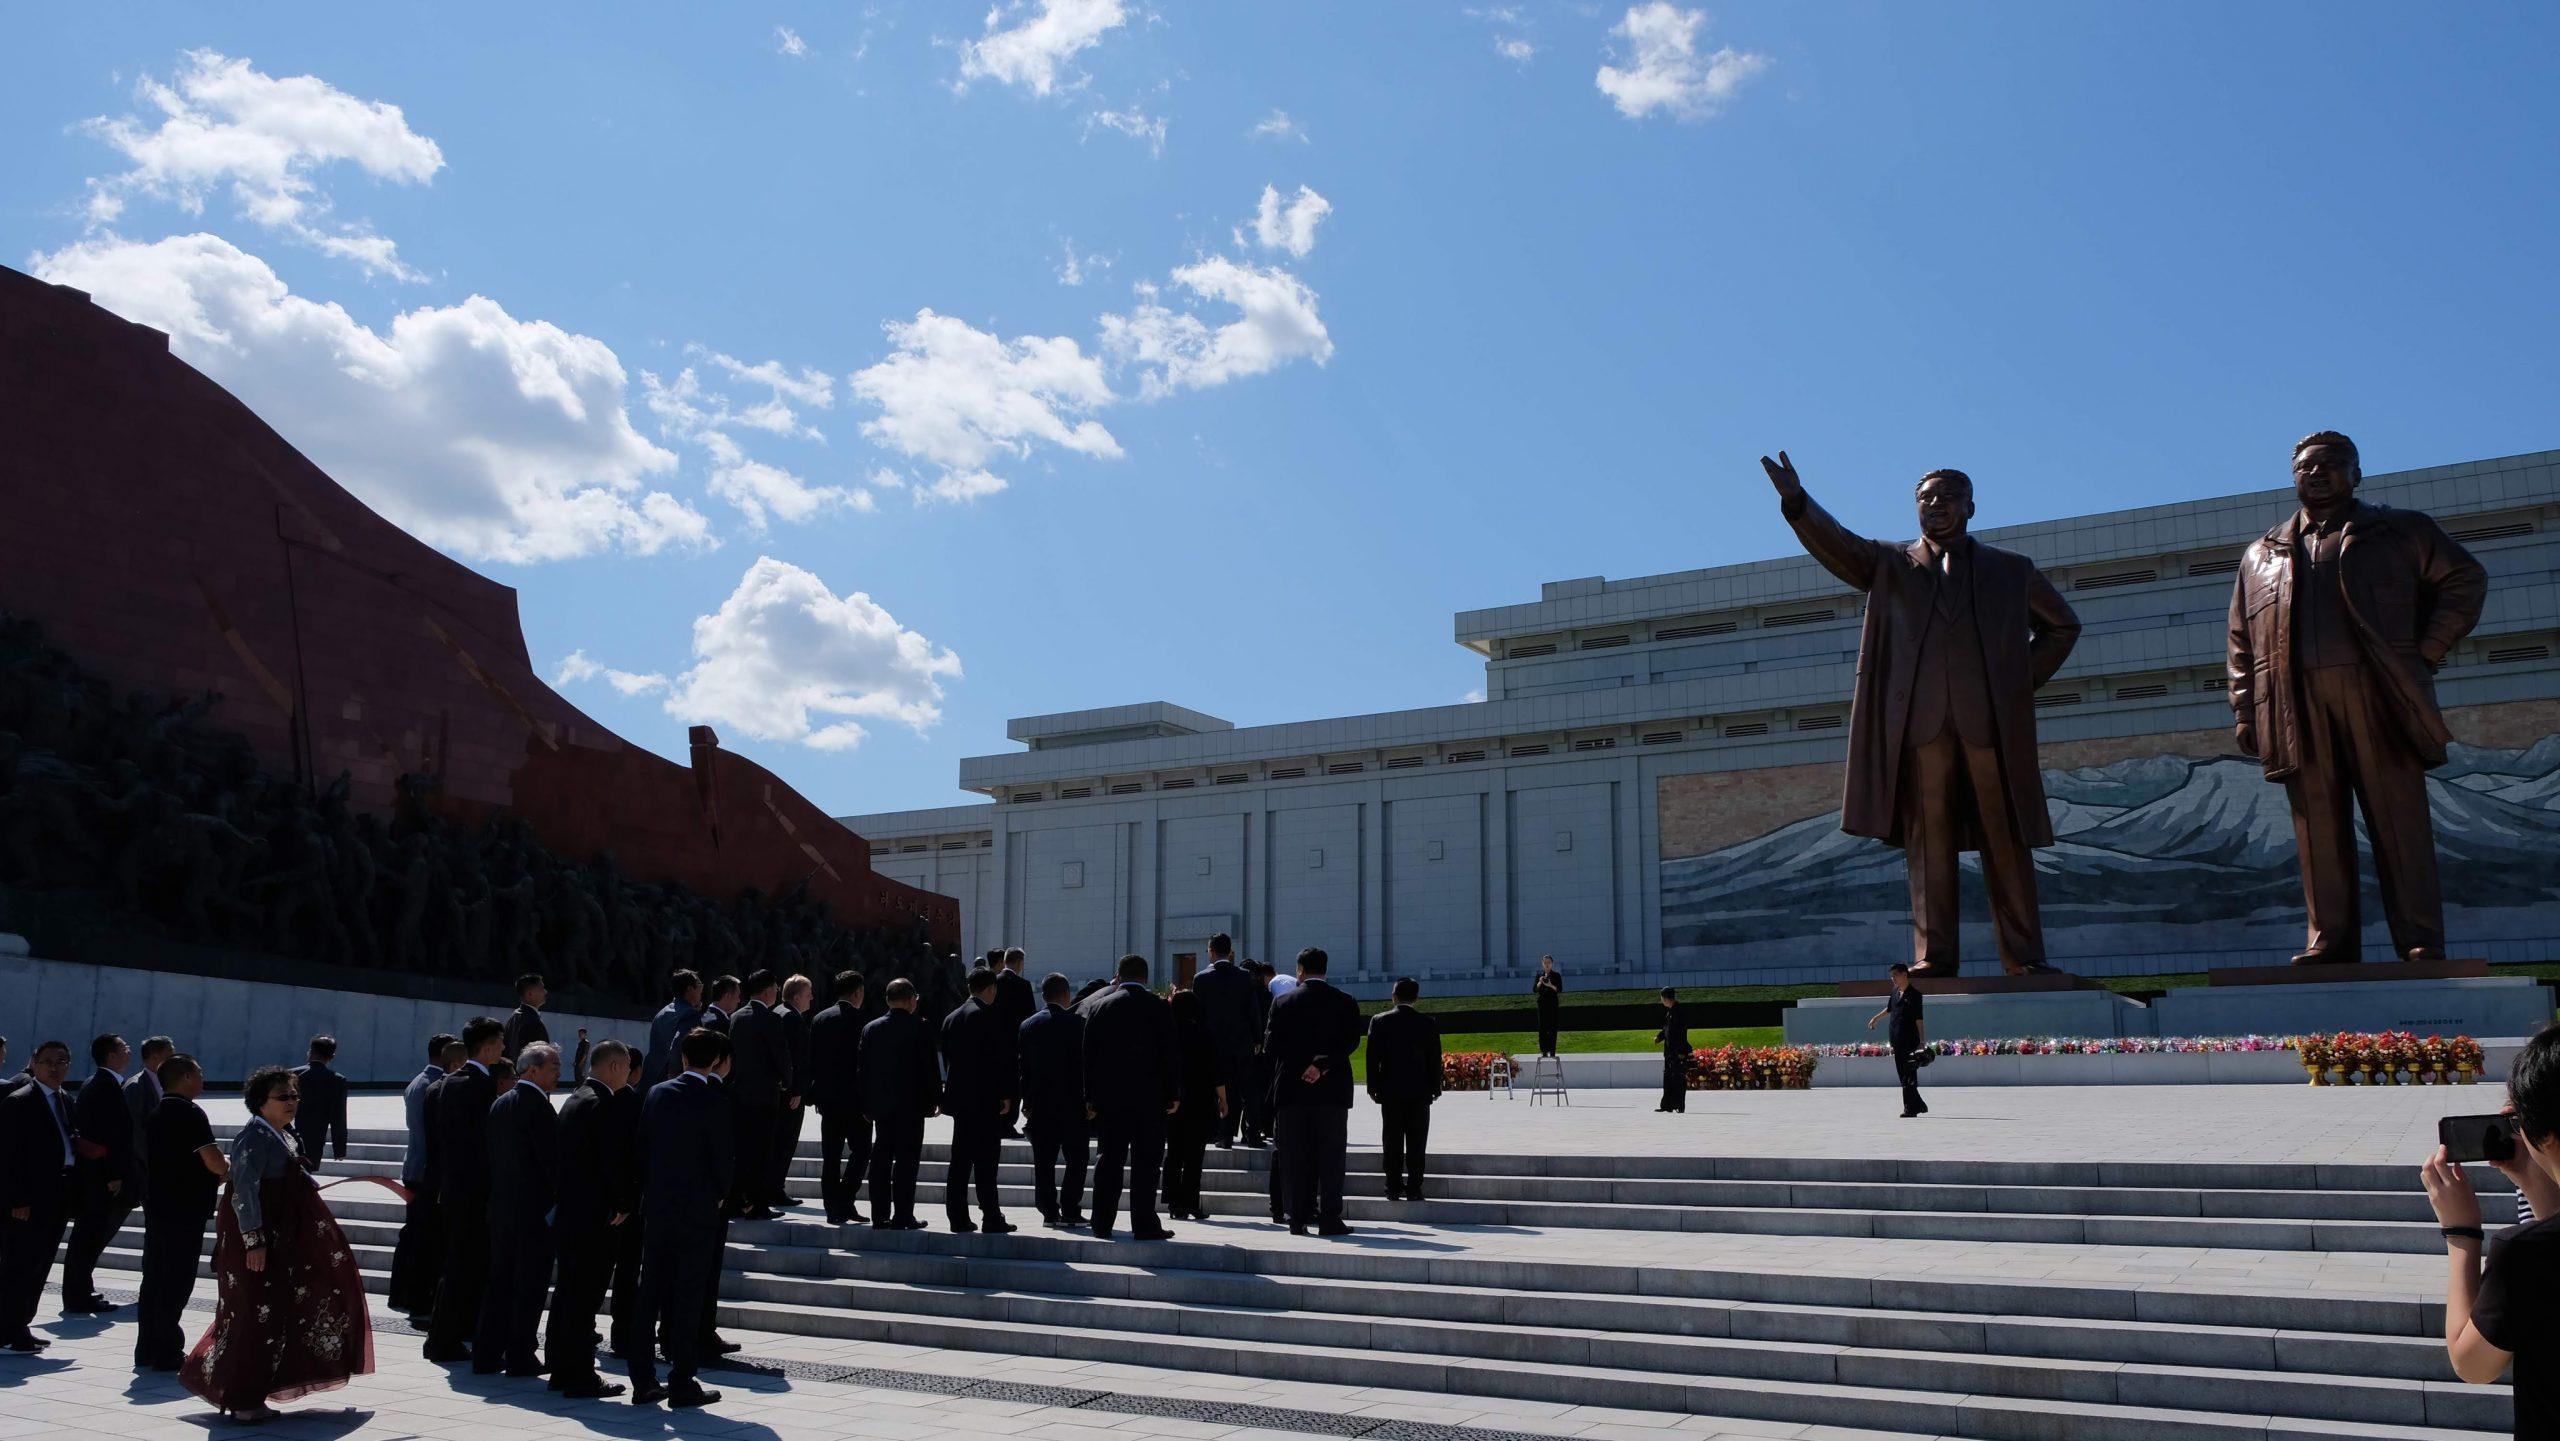 [平壤] 萬壽臺大紀念碑廣場:朝鮮萬人敬仰的金日成金正日銅像